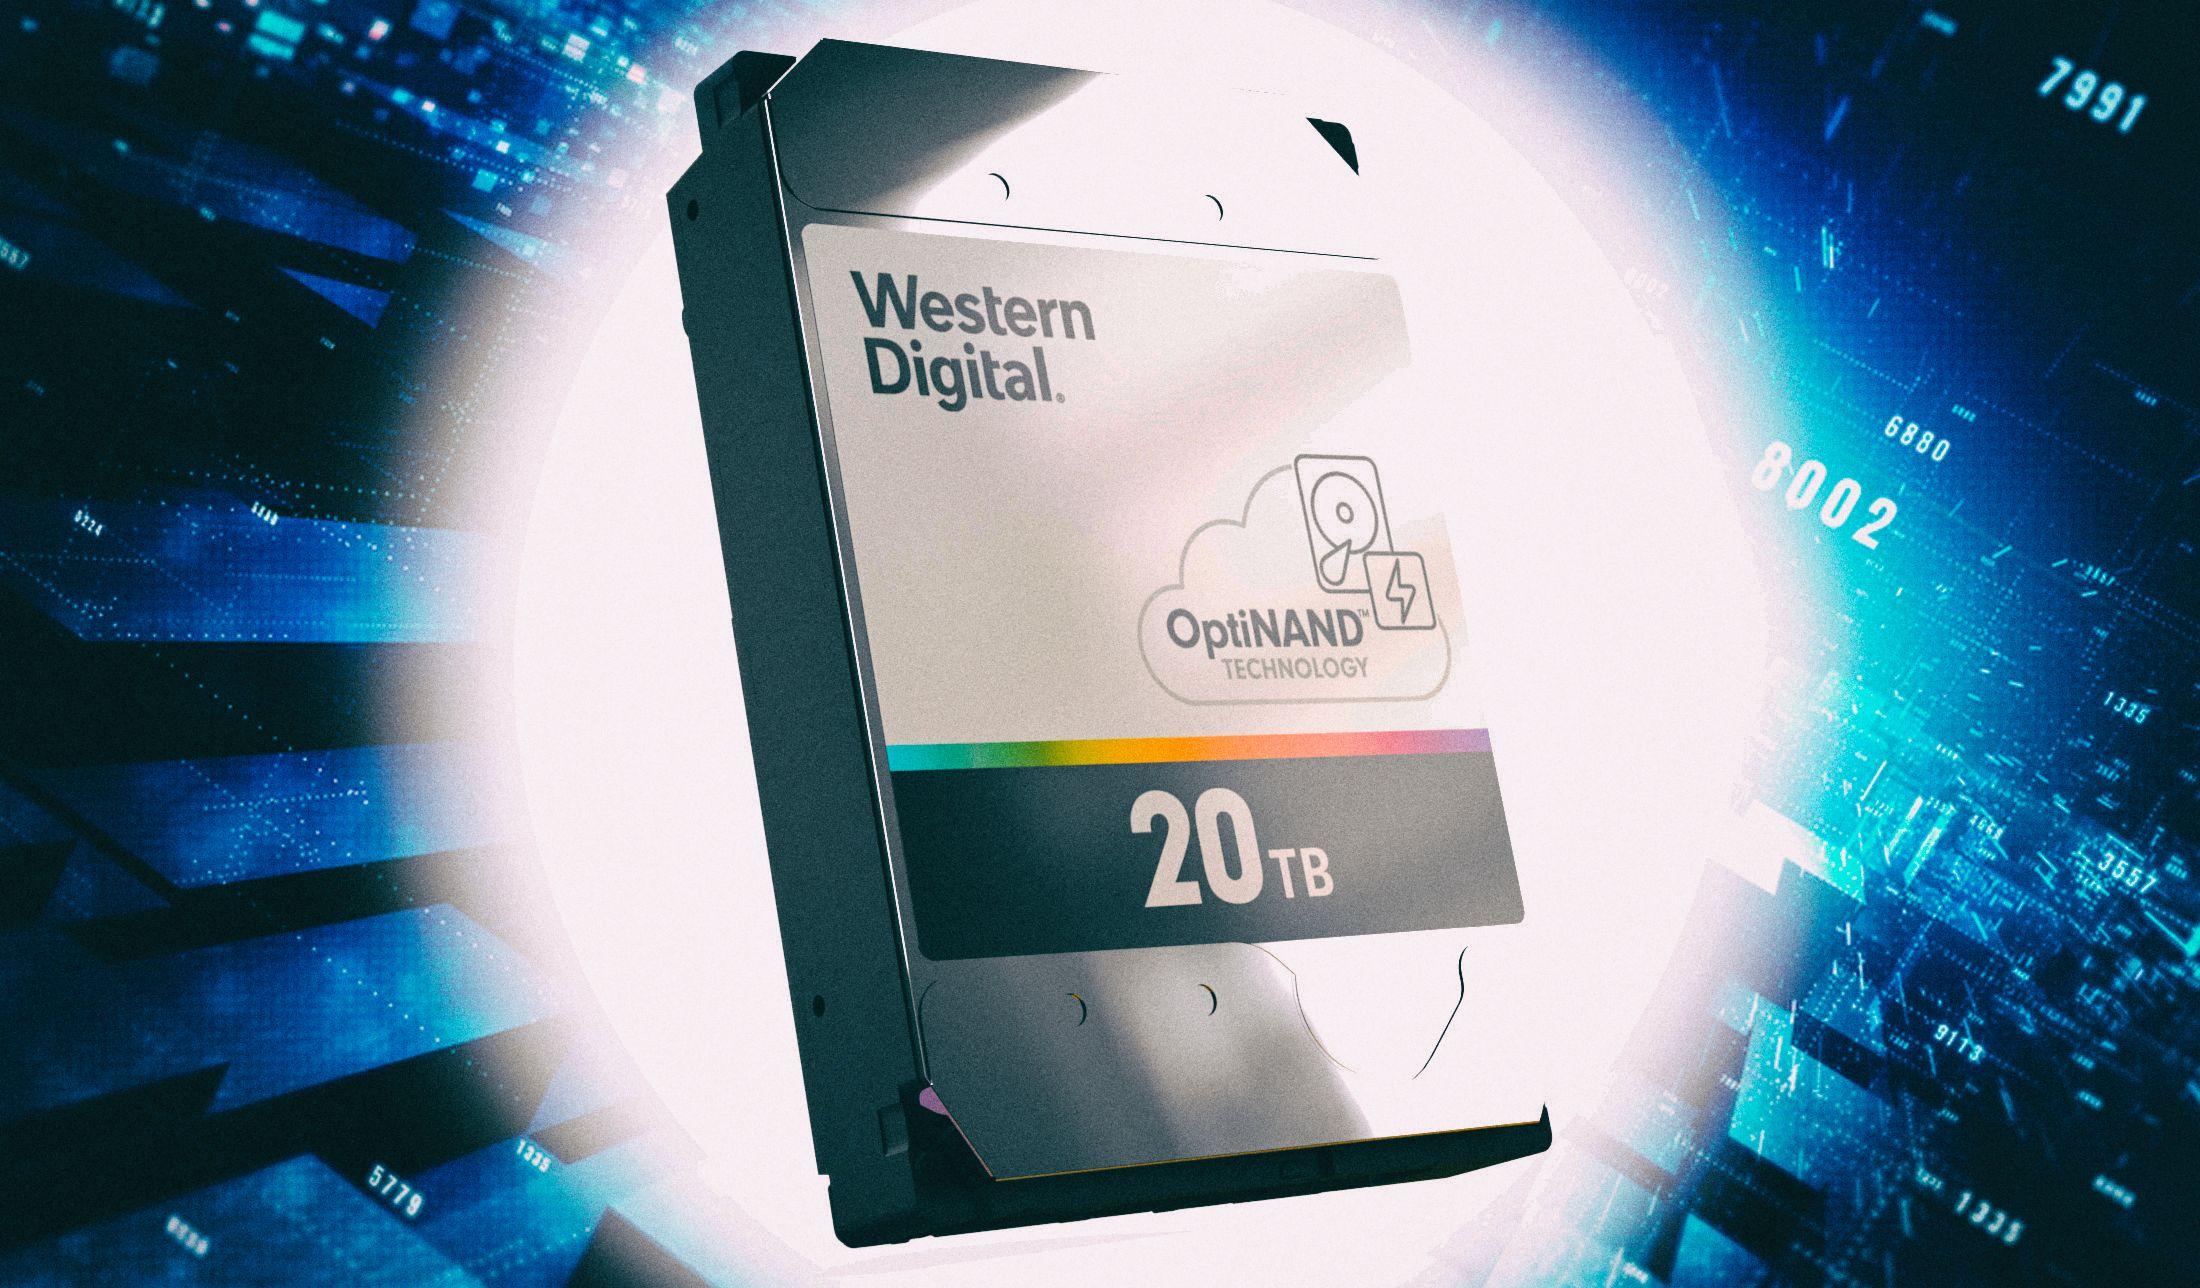 Western Digital представила новую архитектуру хранения данных на жестких дисках